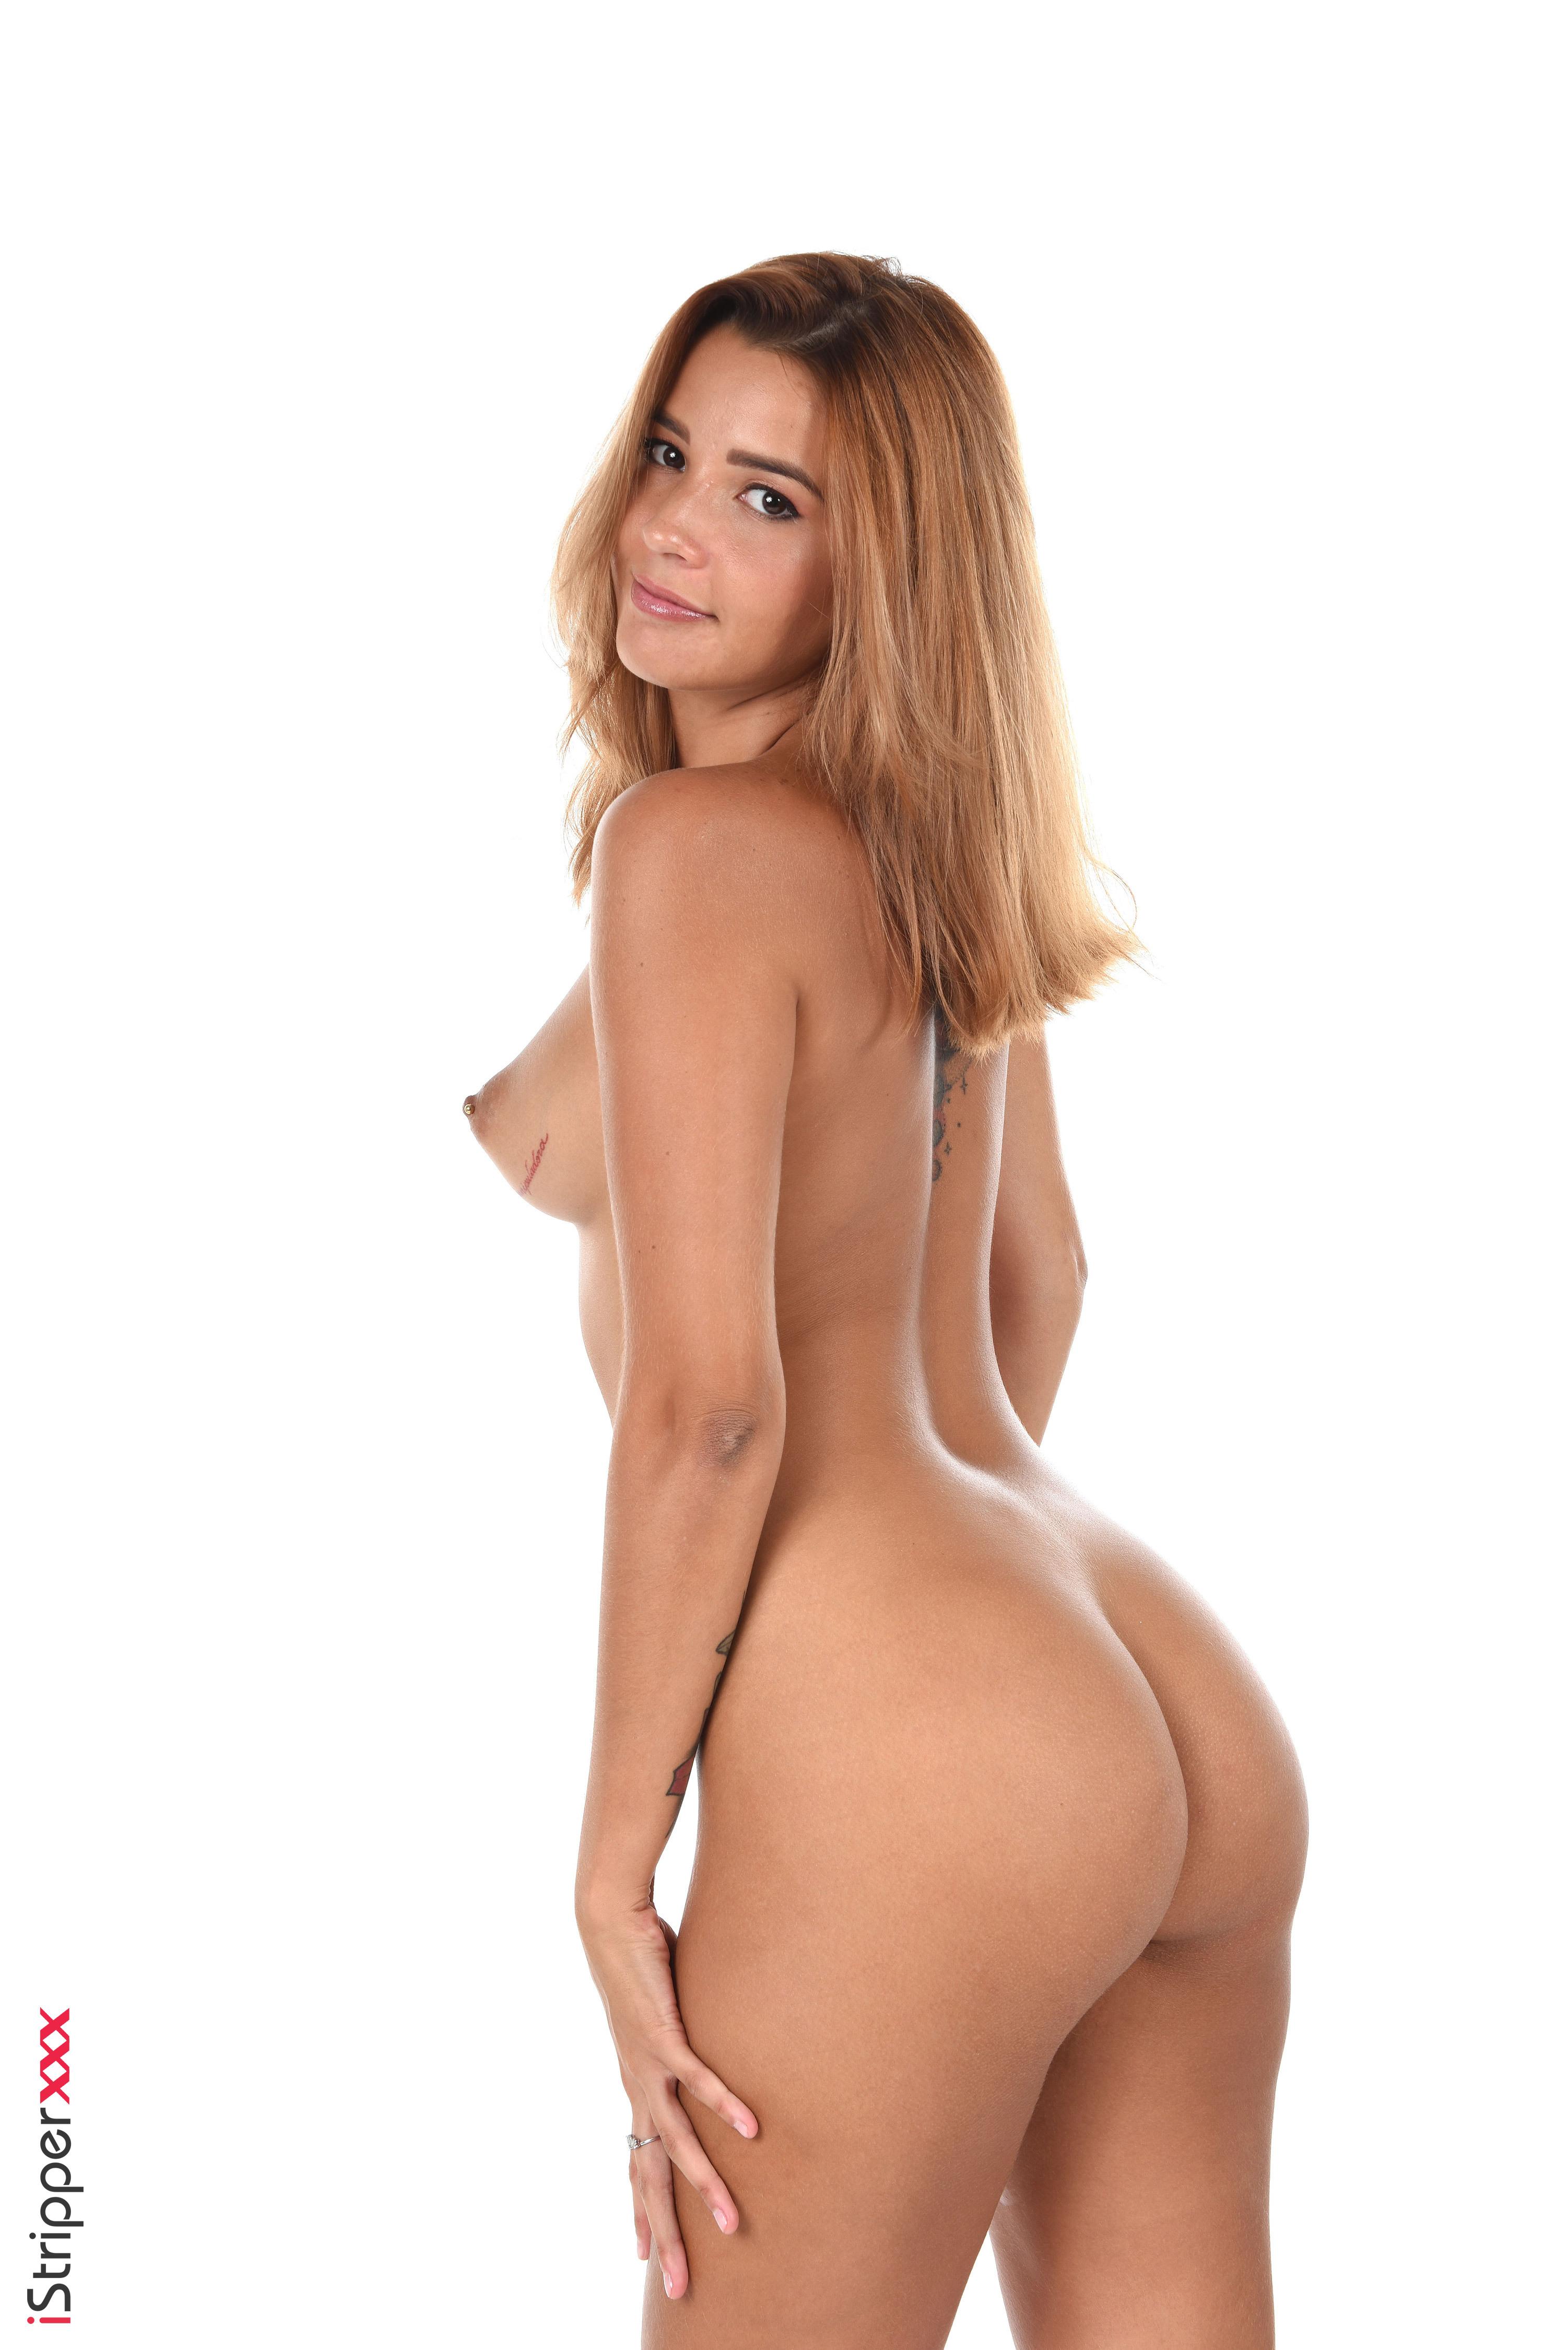 sweet ass wallpaper